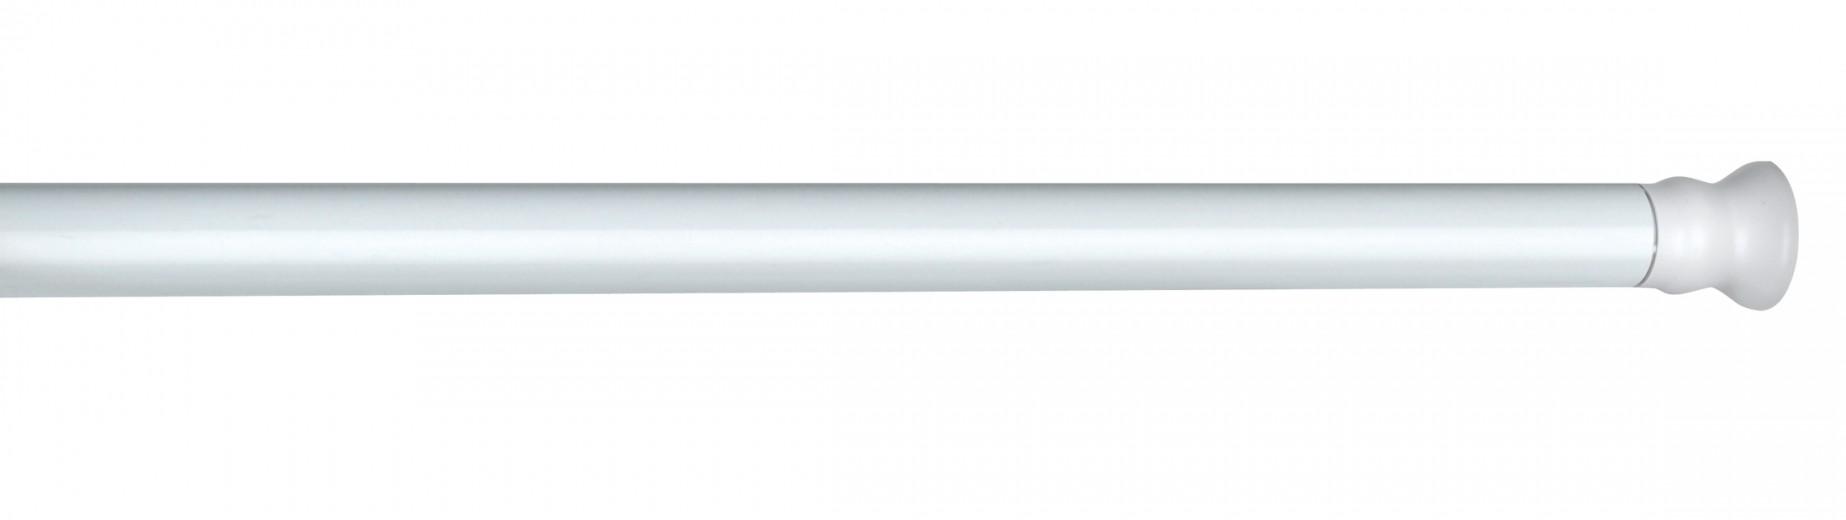 Suport telescopic pentru perdea dus, din aluminiu, Angle Alb, Ø2,8 cm, L110-245 cm